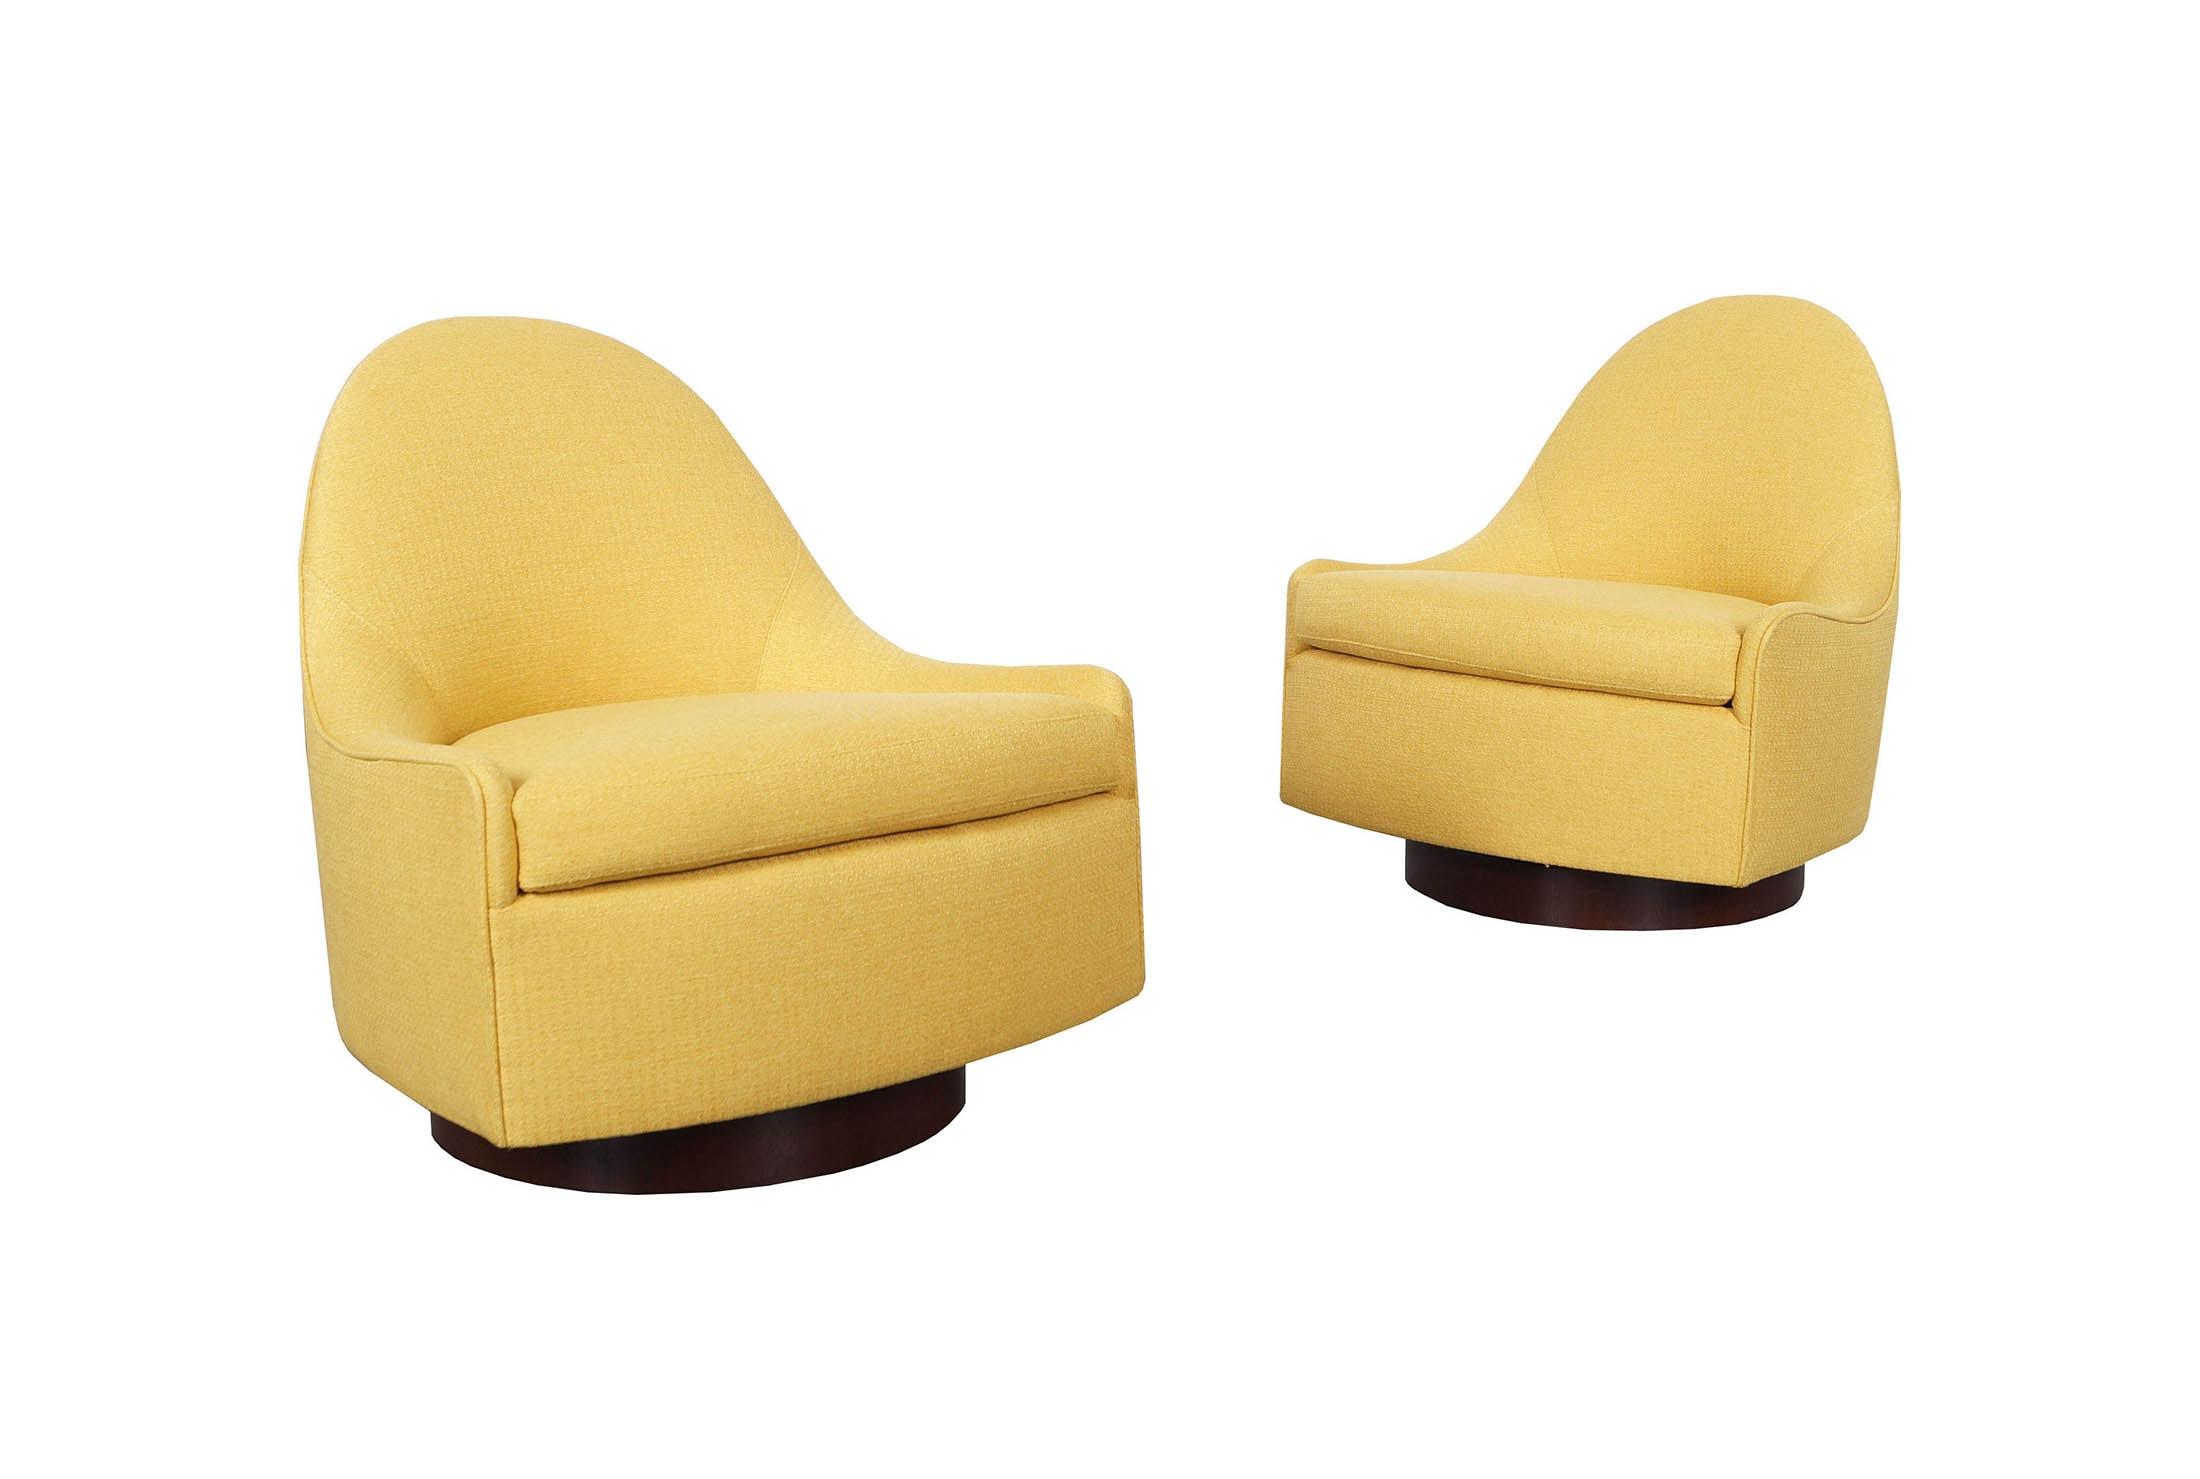 Vintage Teardrop Swivel Lounge Chairs by Milo Baughman